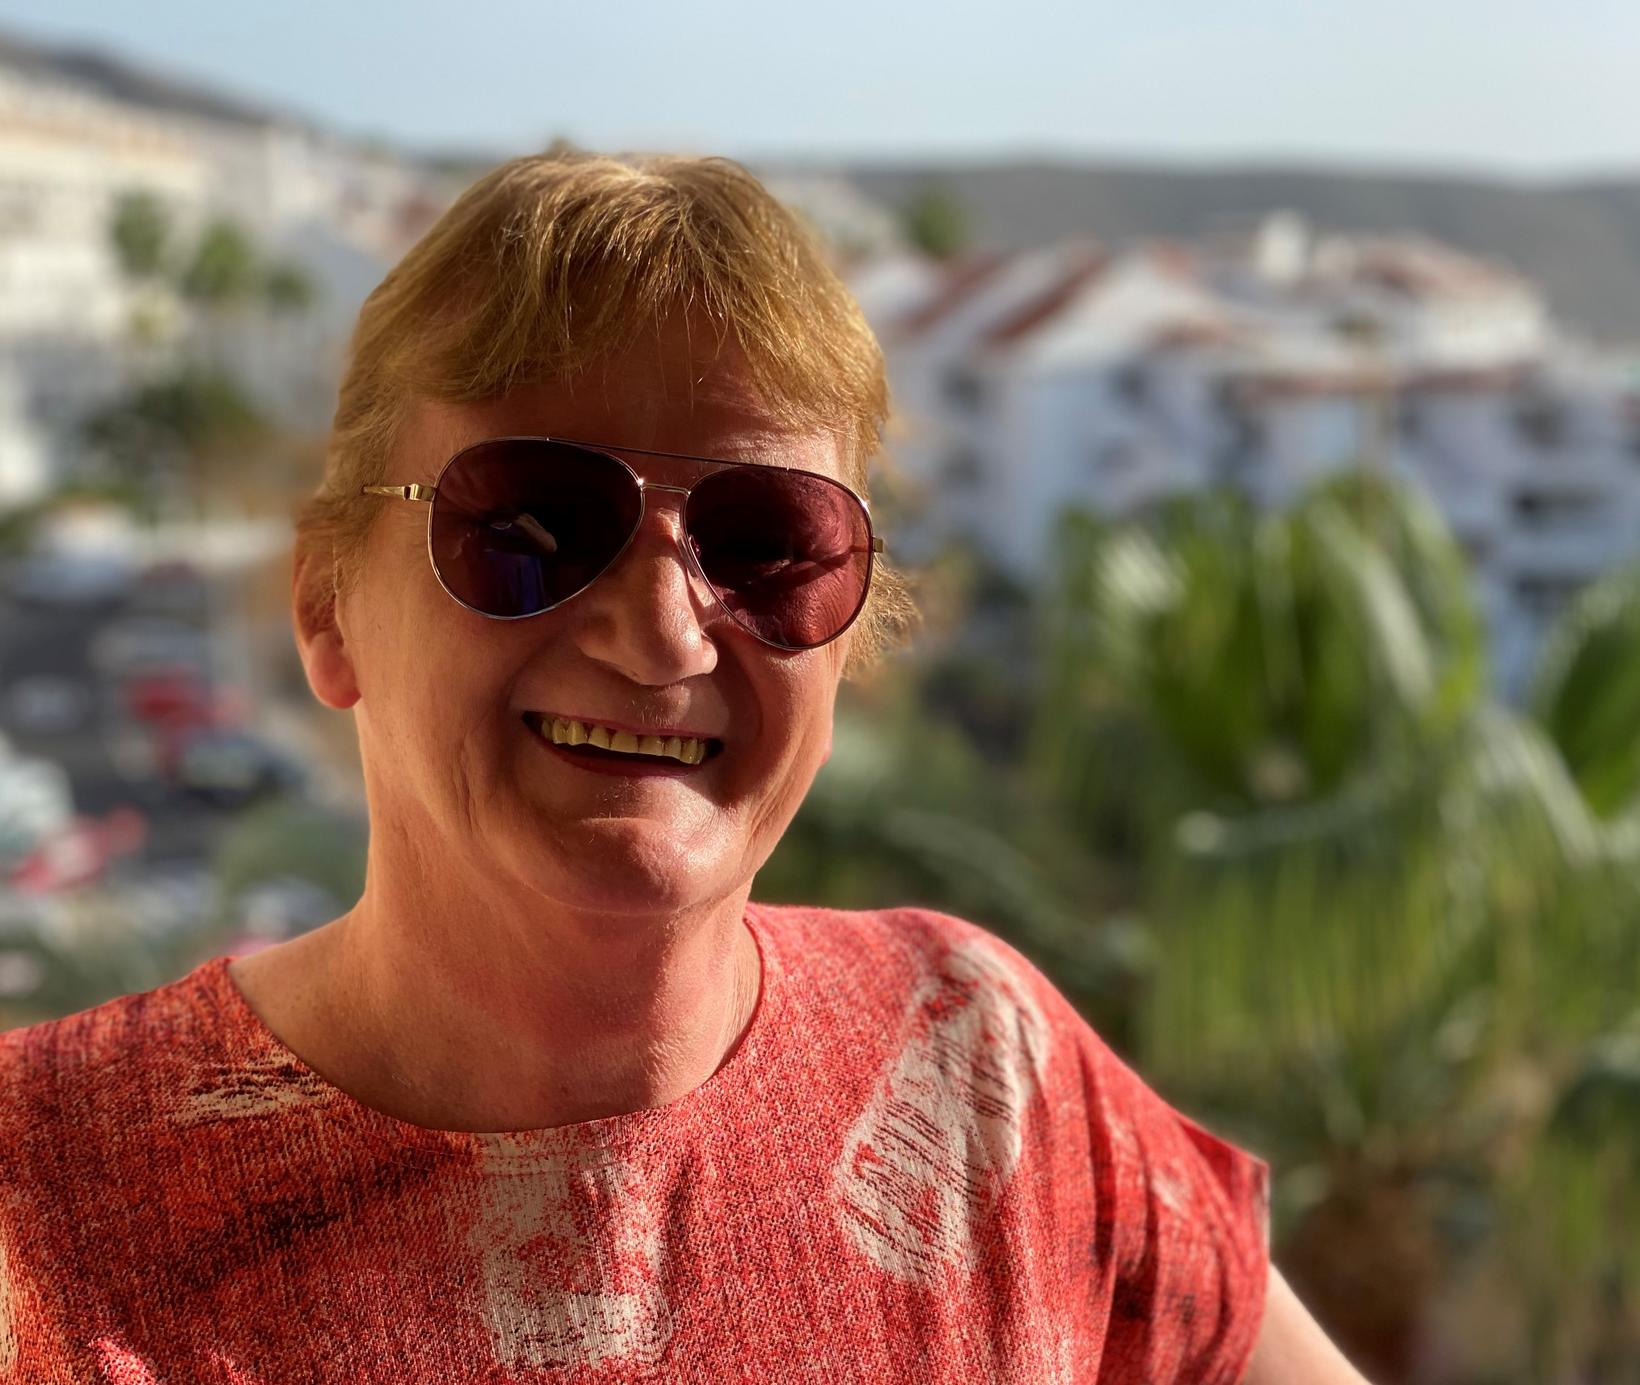 Anna Kristjáns nýtur lífsins á Tenerife um þessar mundir en …